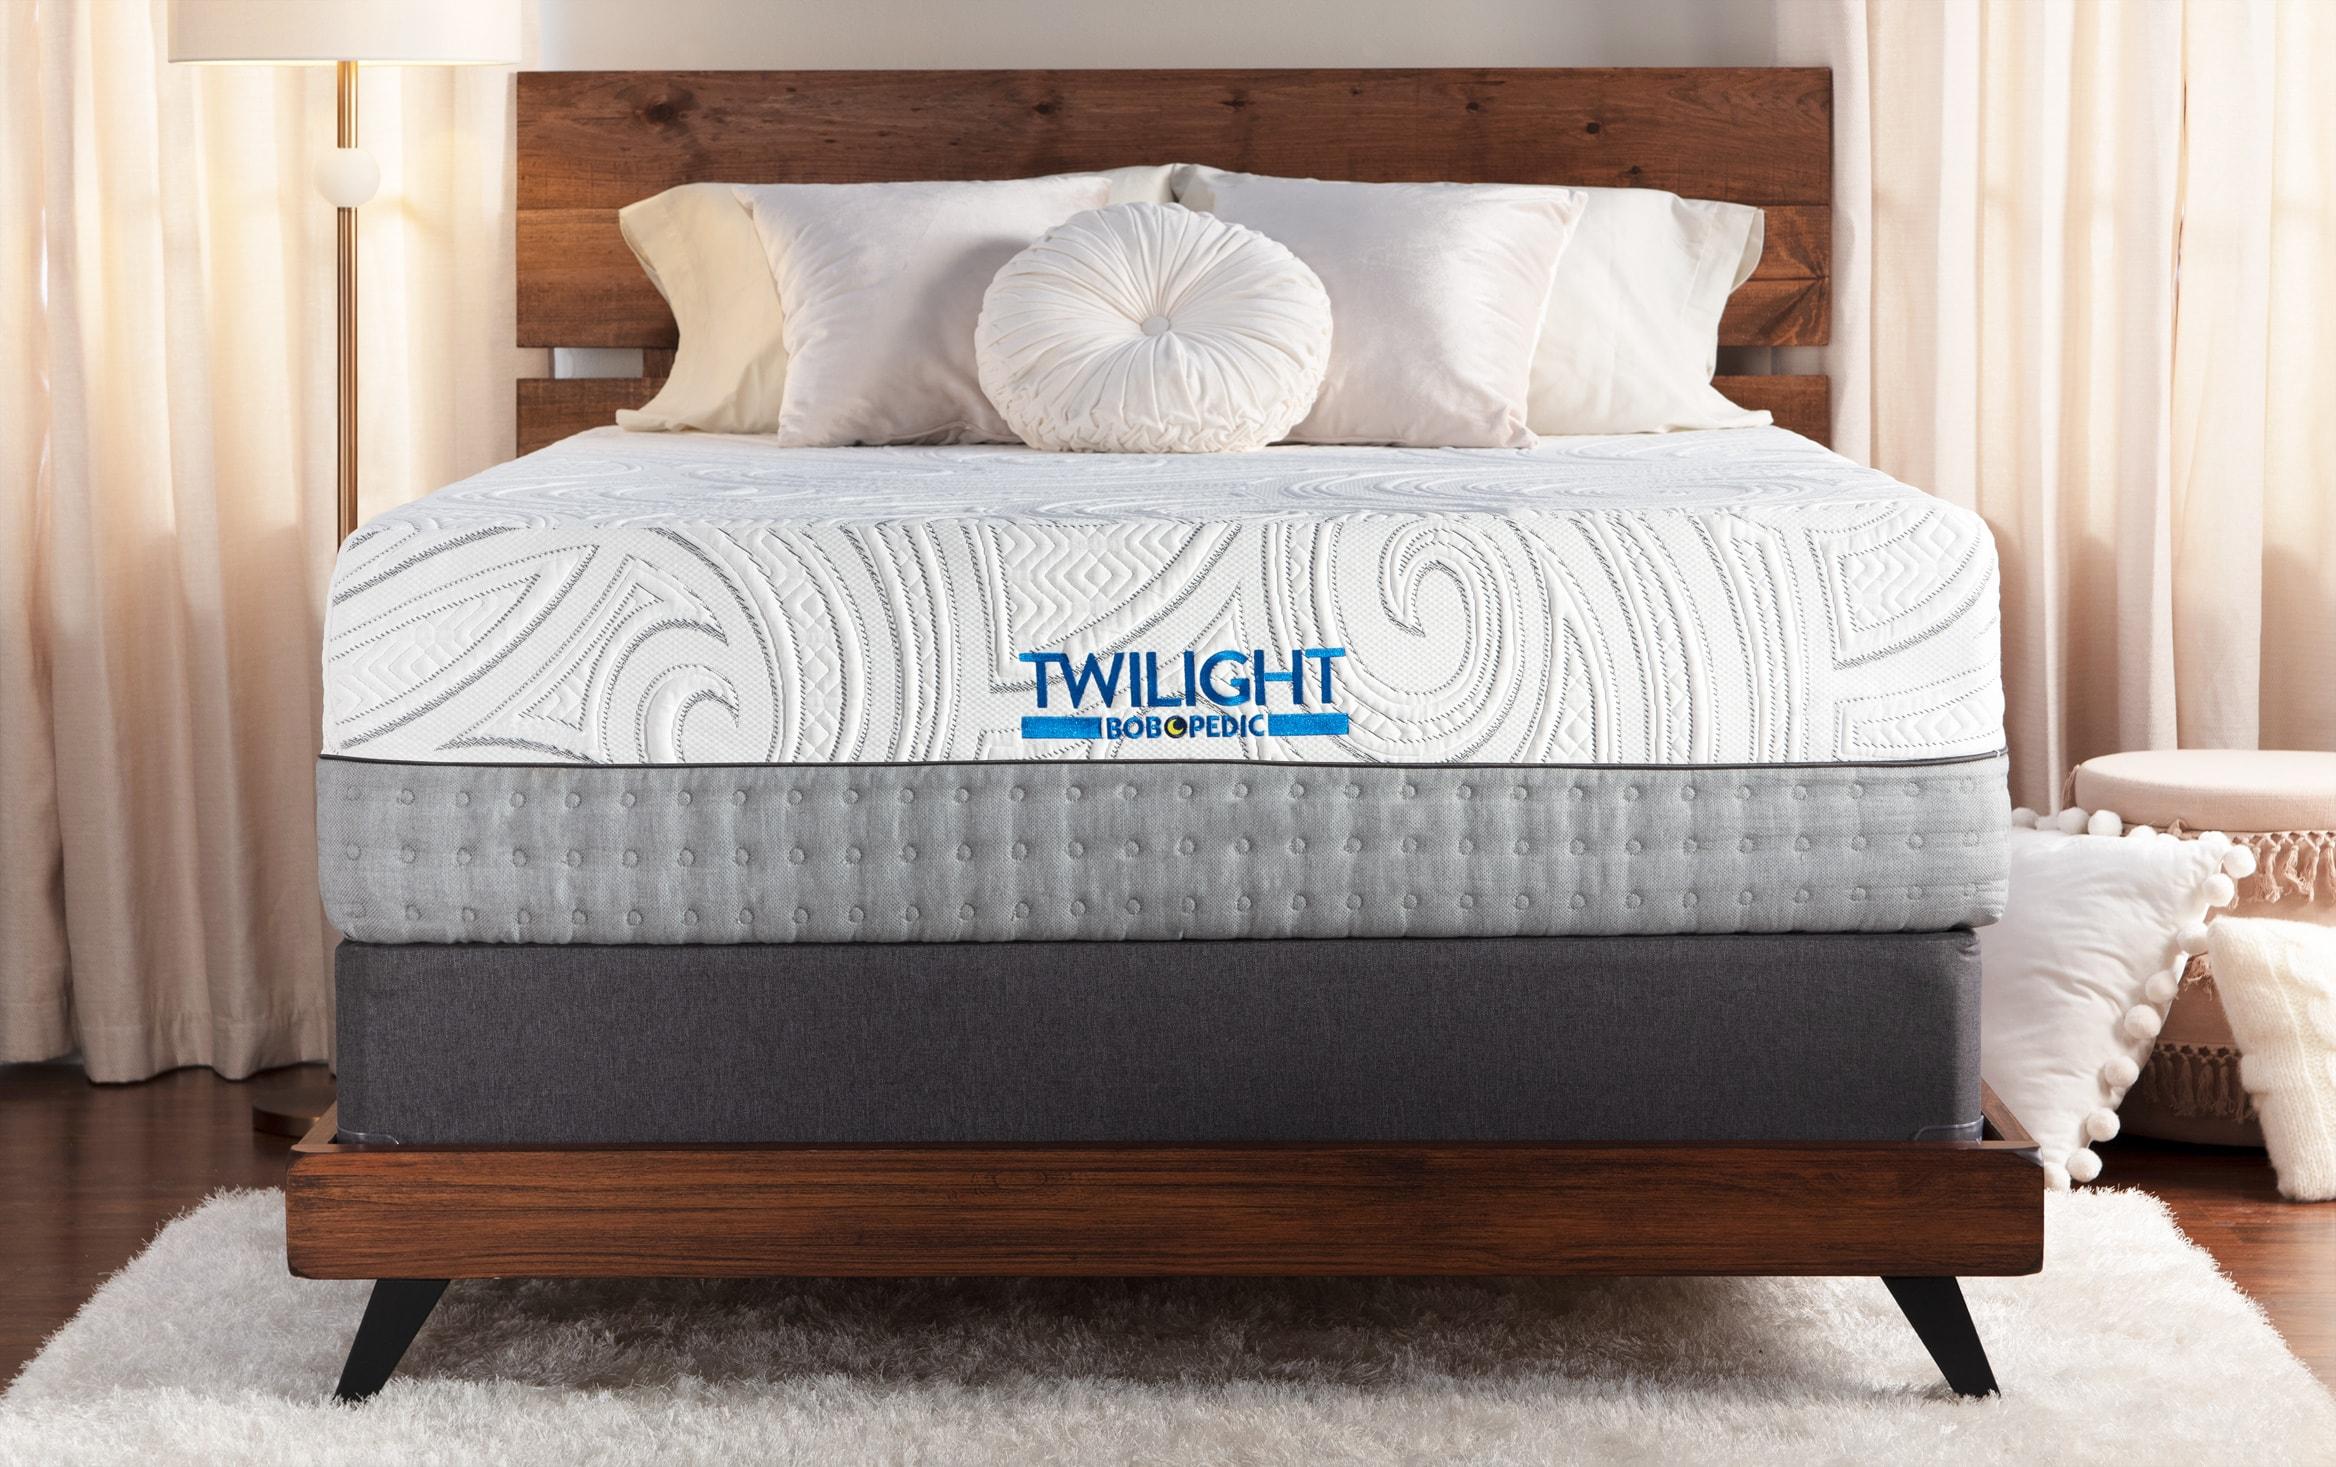 Bob O Pedic Twilight Twin Xl Firm Standard Mattress Set Bobs Com